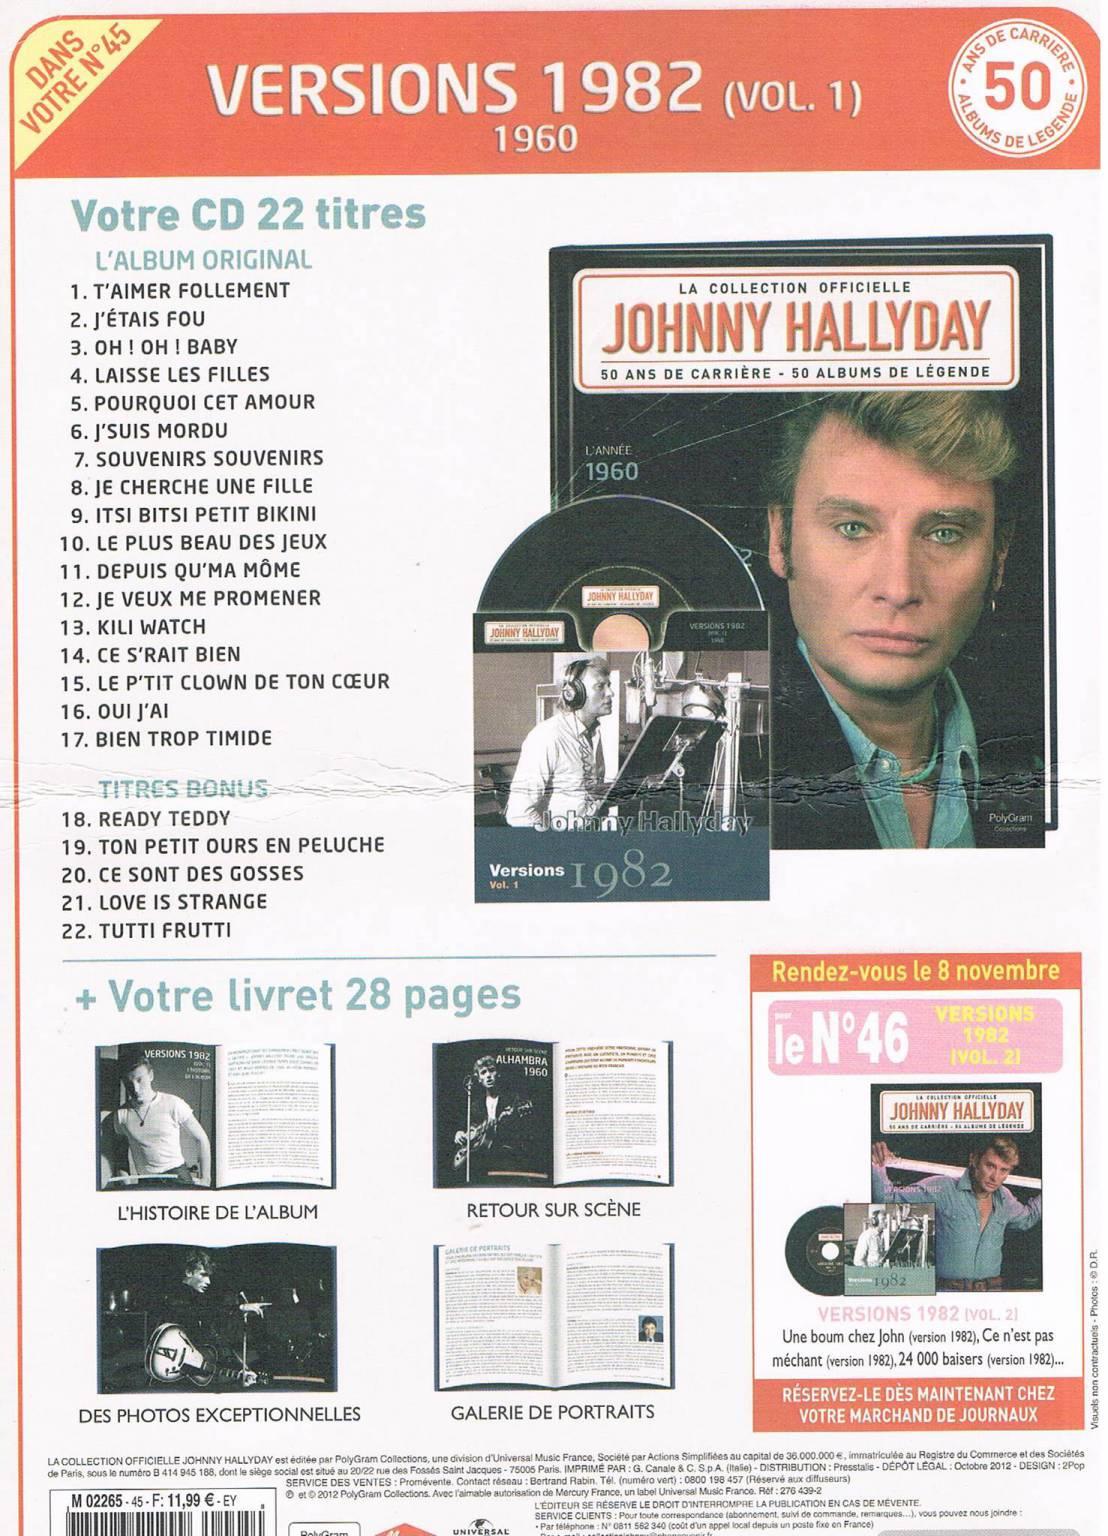 johnny hallyday nashville 1963 cd 17 titres livret 28 p autres. Black Bedroom Furniture Sets. Home Design Ideas